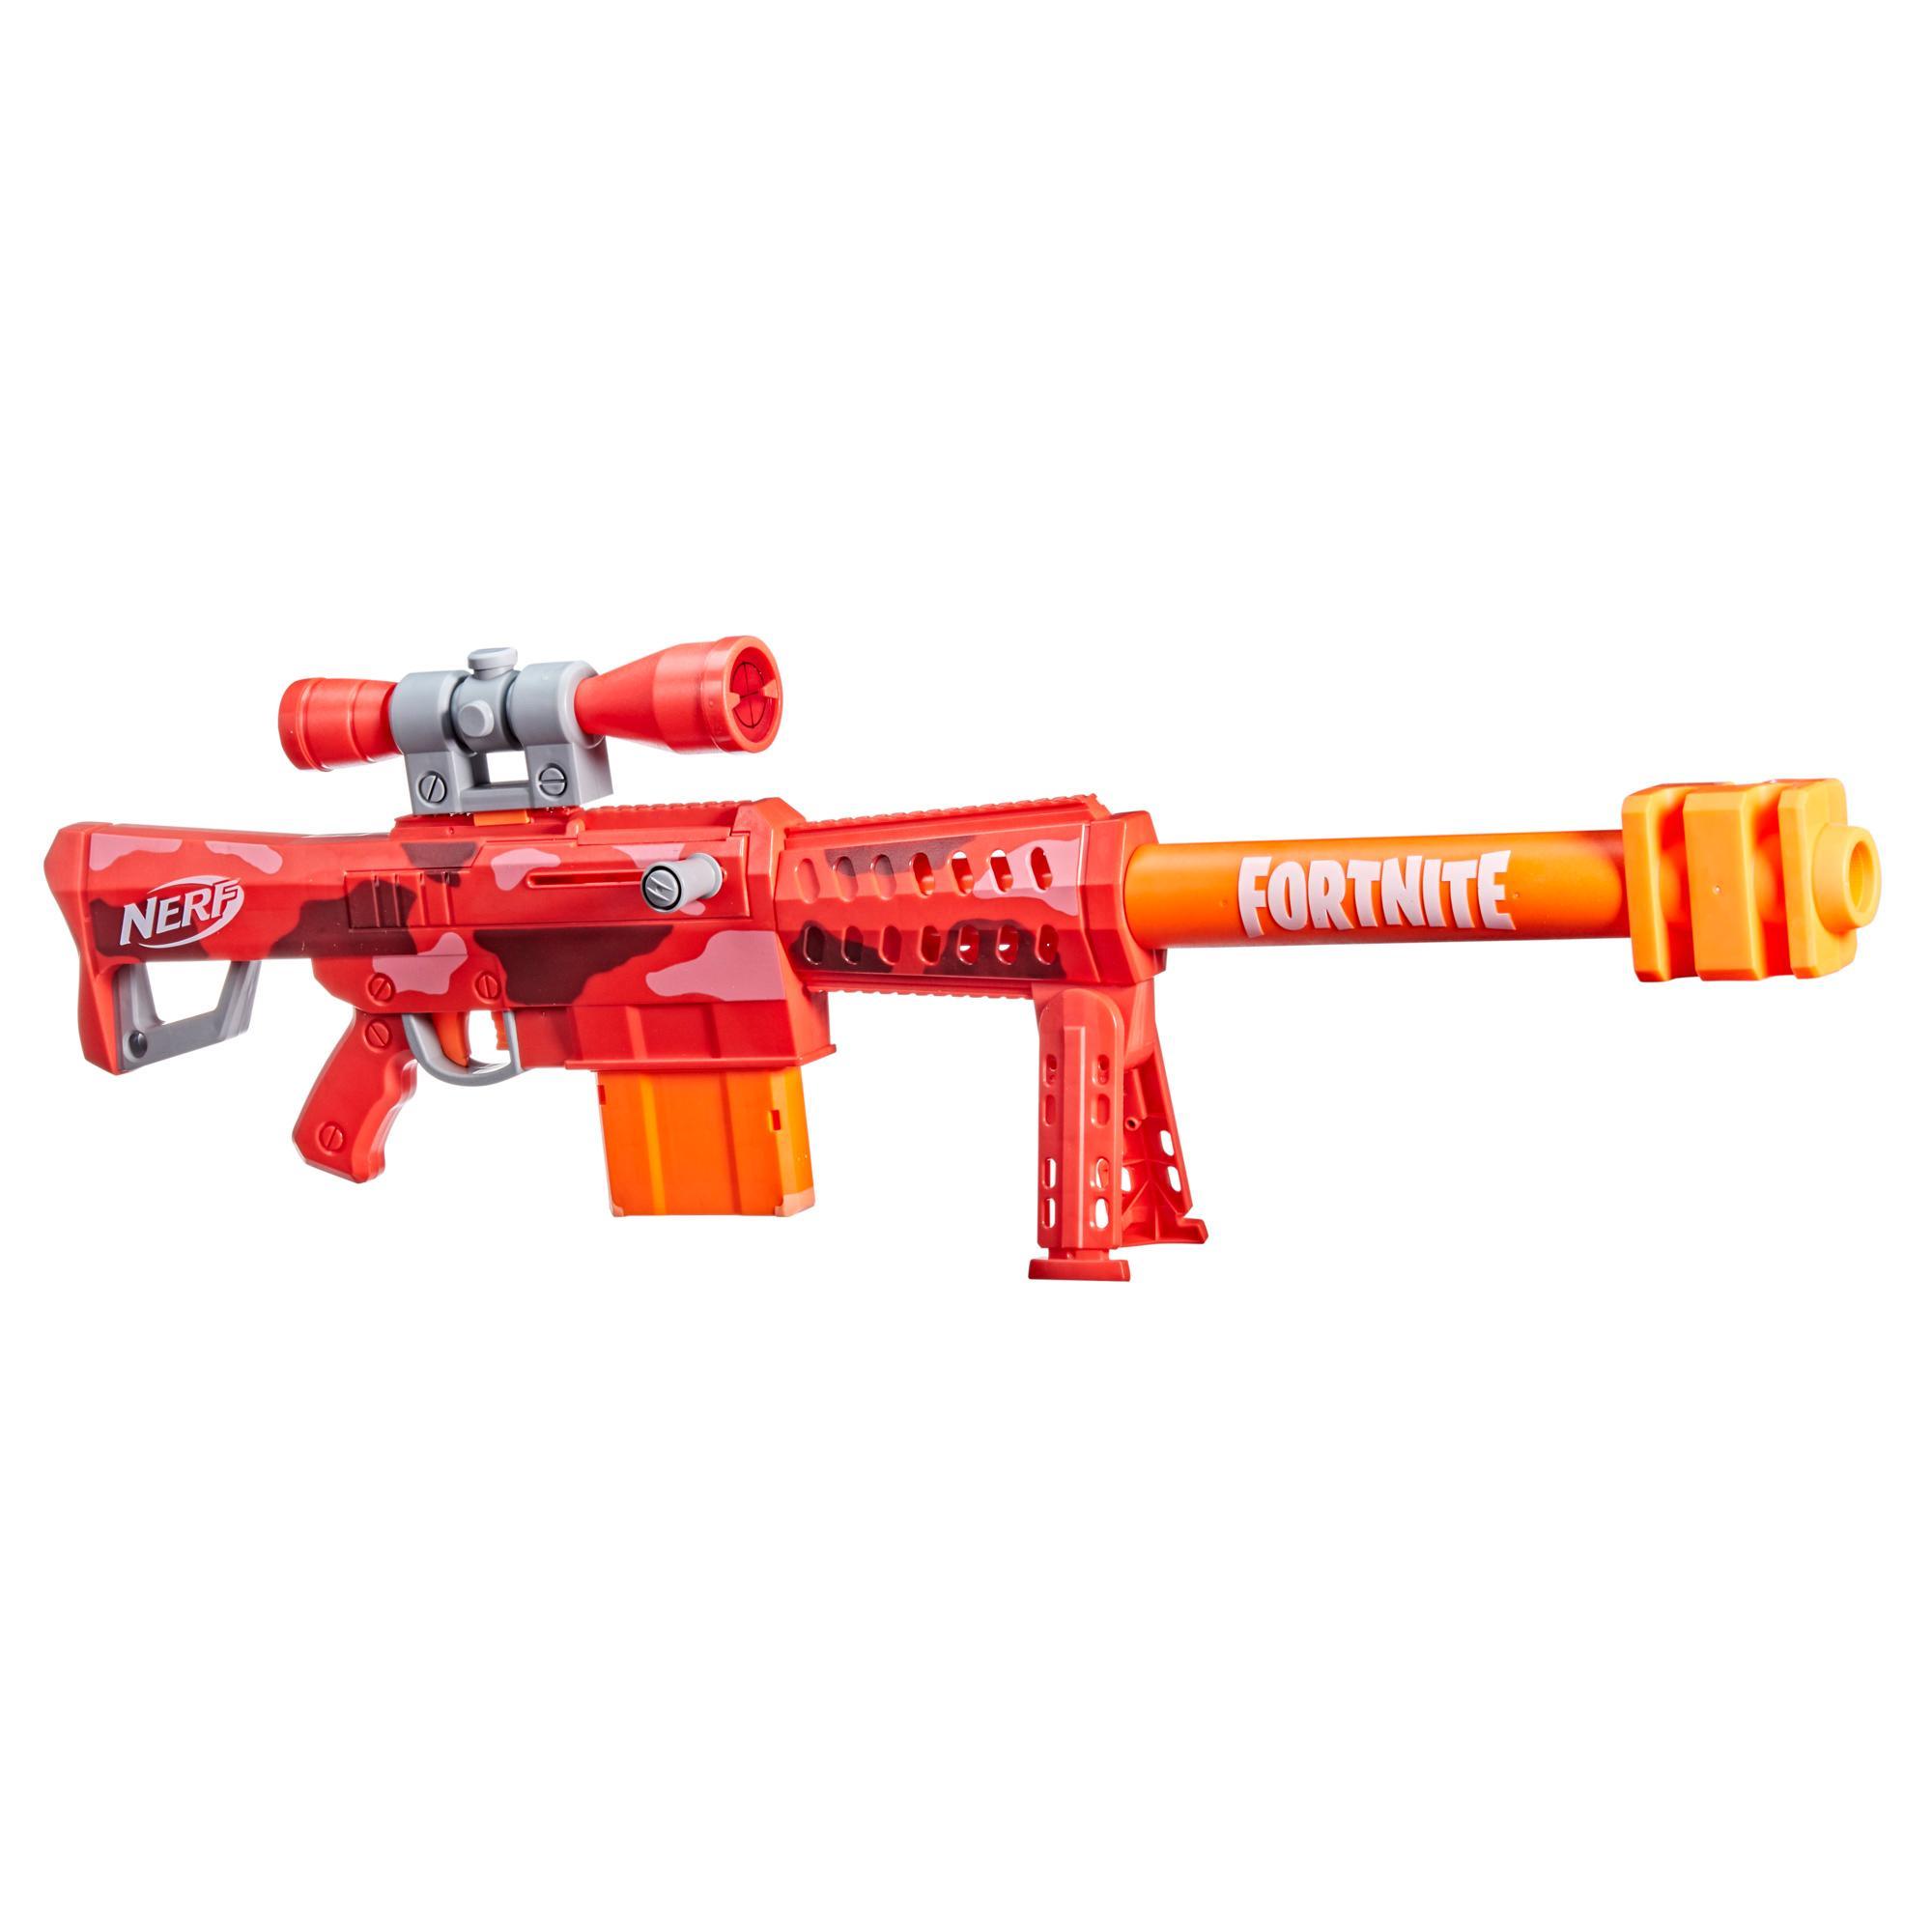 Nerf Fortnite Heavy SR Mega